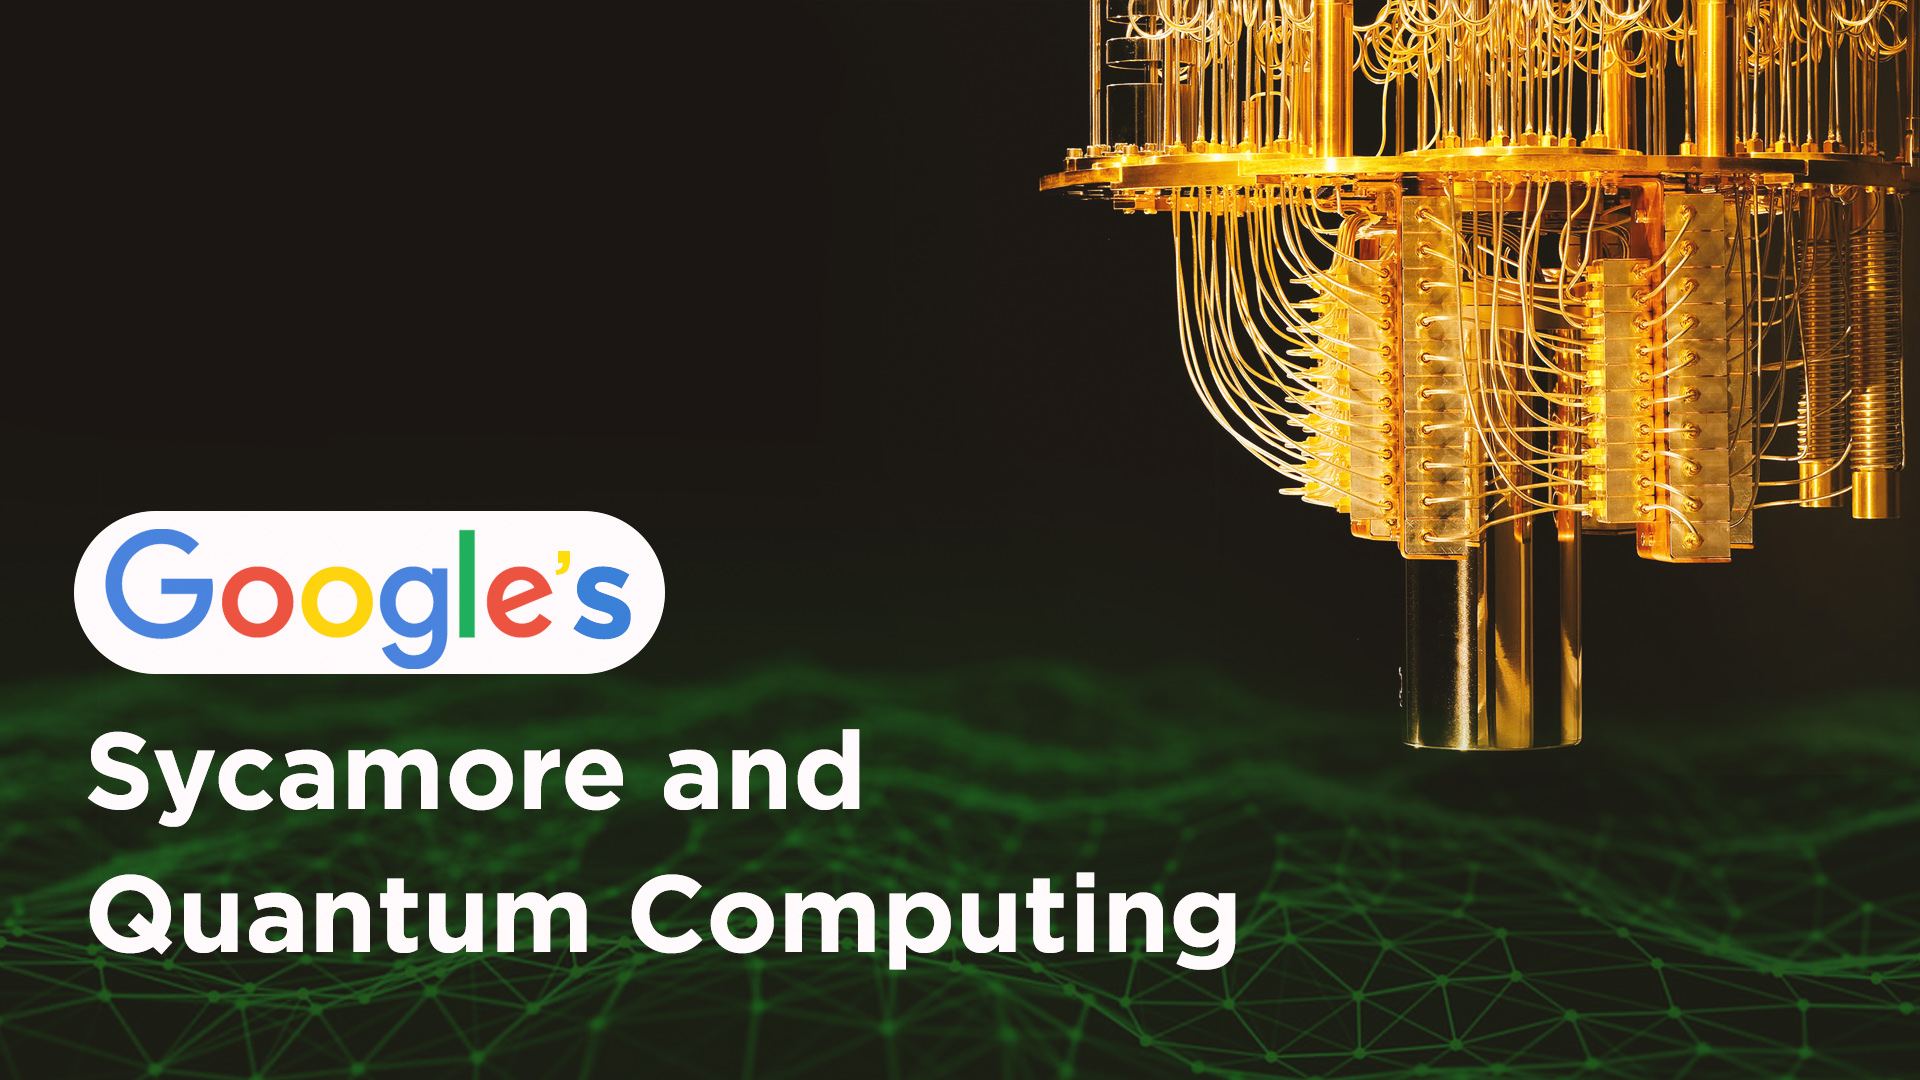 google quantum computer sycamore